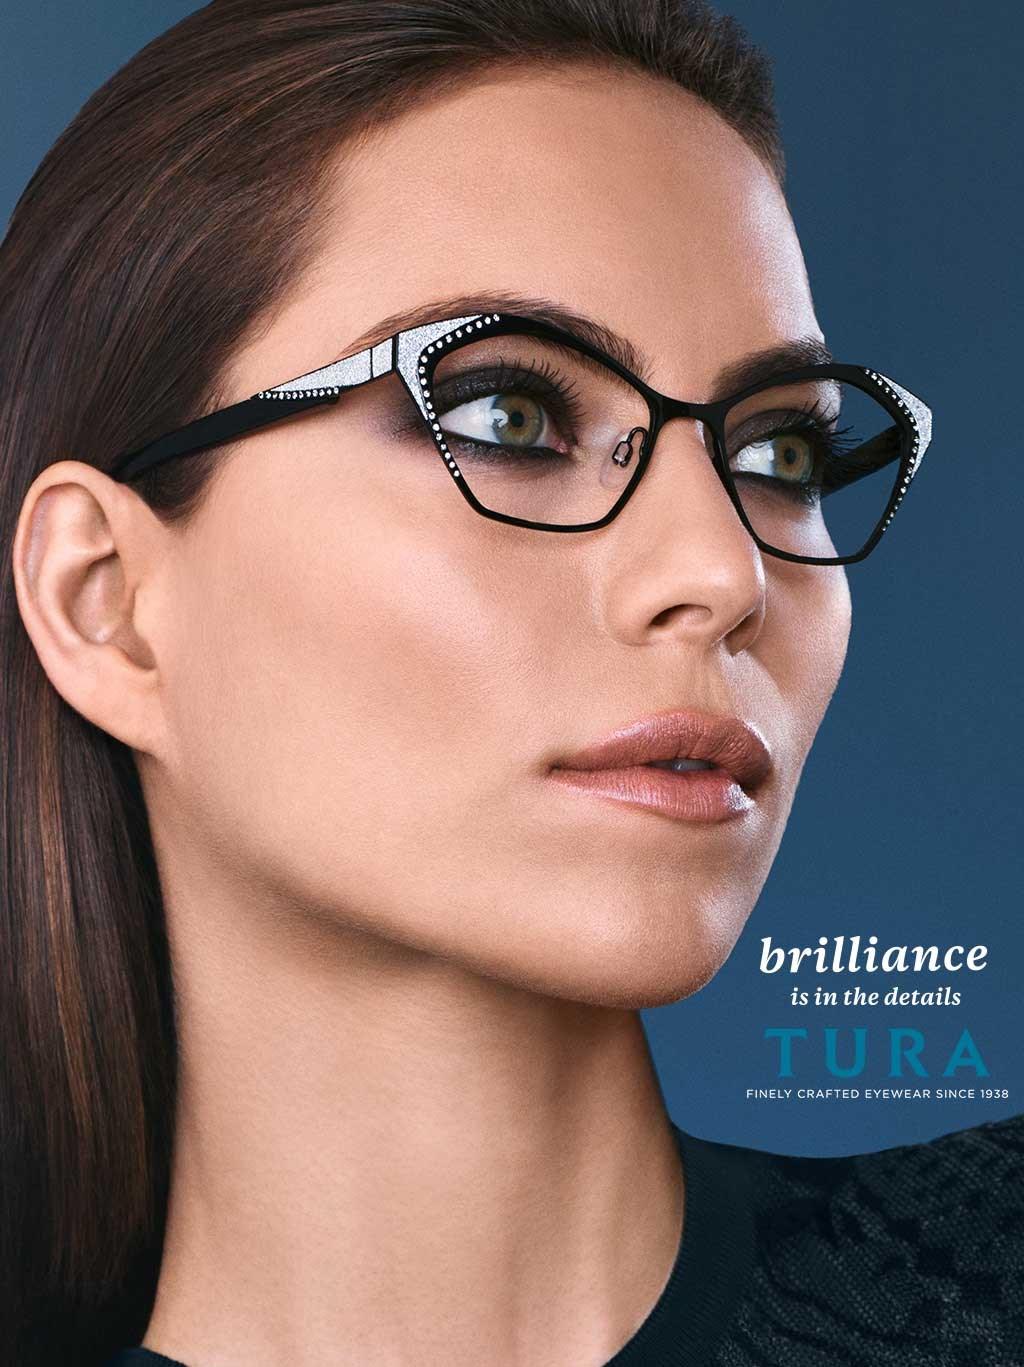 tura women eyewear